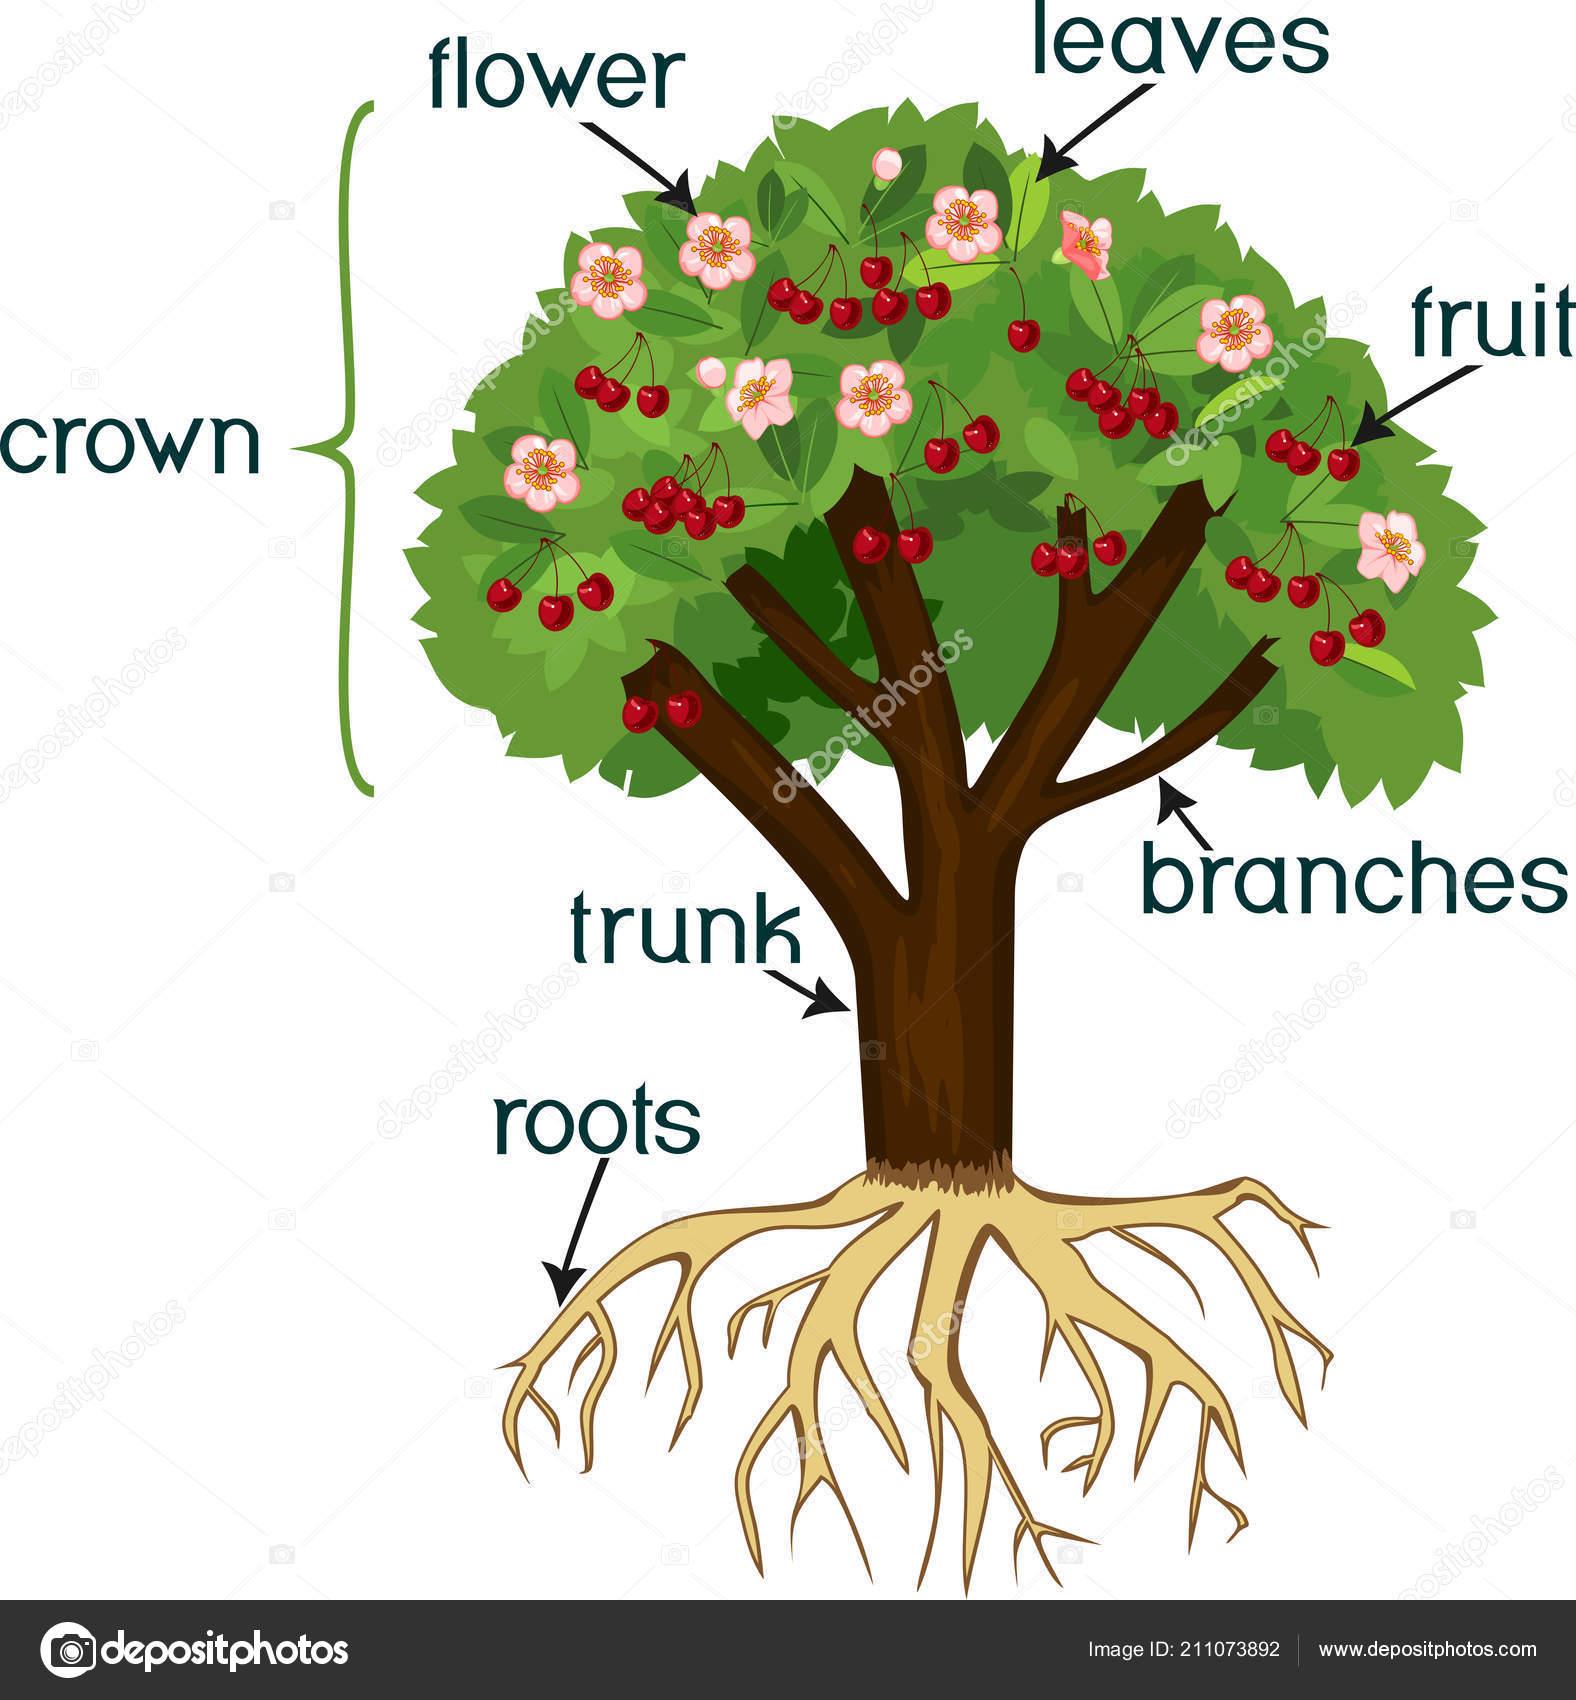 Partes planta morfolog a cerezo con sistema ra ces flores for Las partes de un arbol en ingles